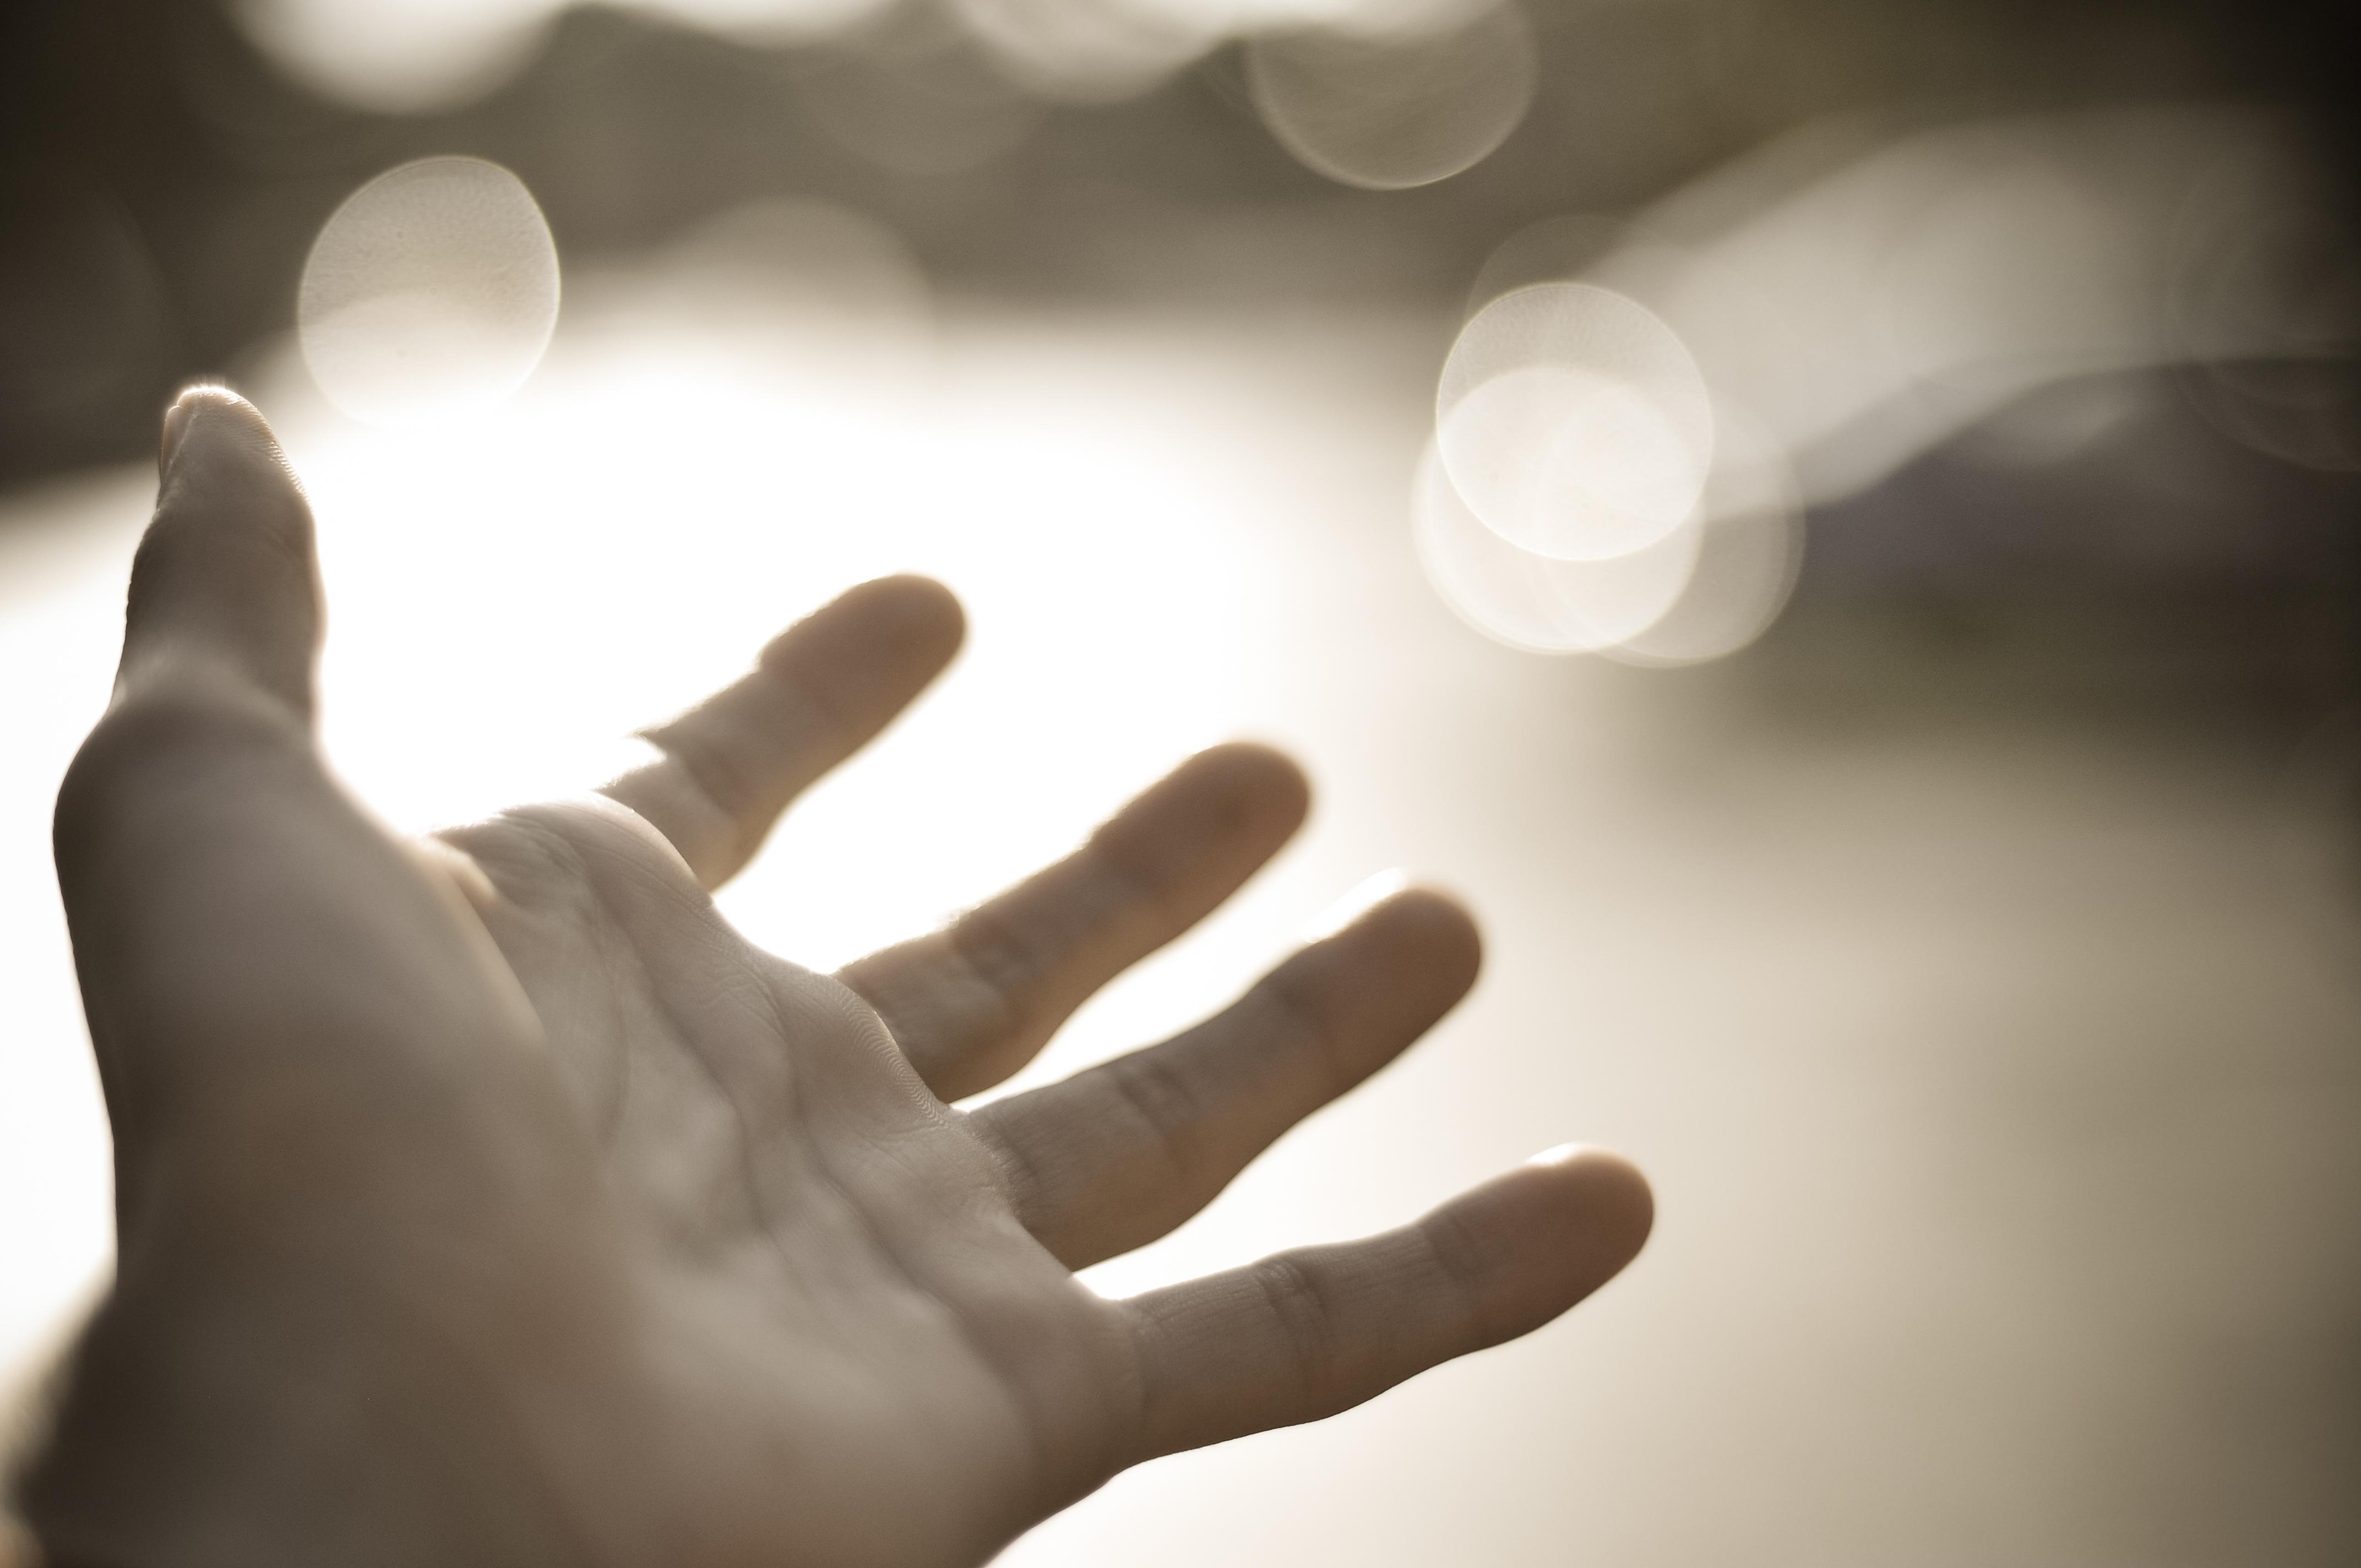 Olhar por outra perspectiva ou como aprendi a lidar com emoções difíceis